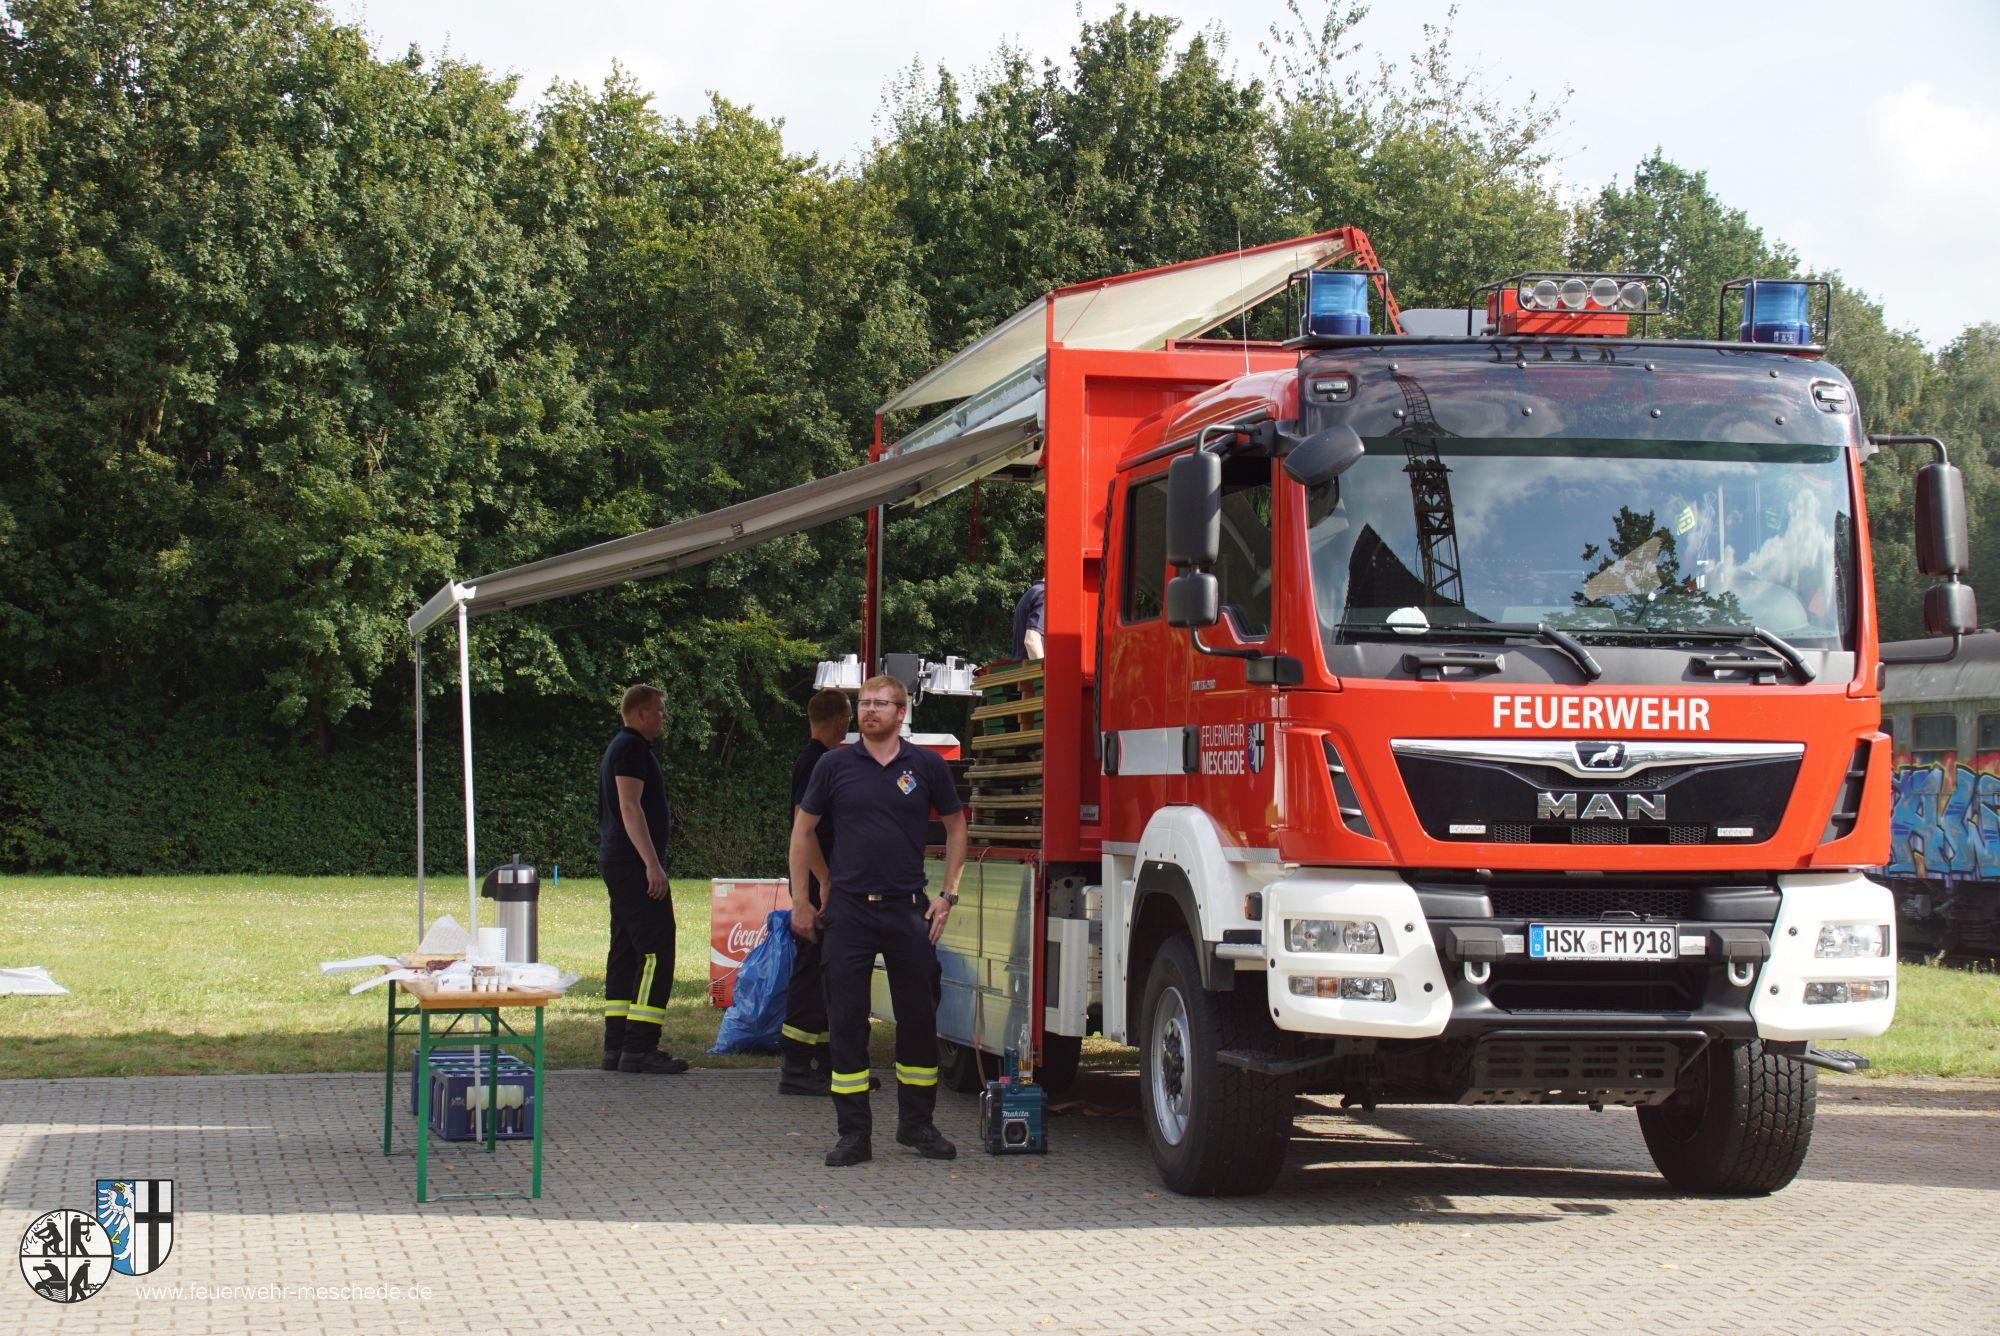 Der Gerätewagen Logistik wurde hier für die Verpflegung eingesetzt